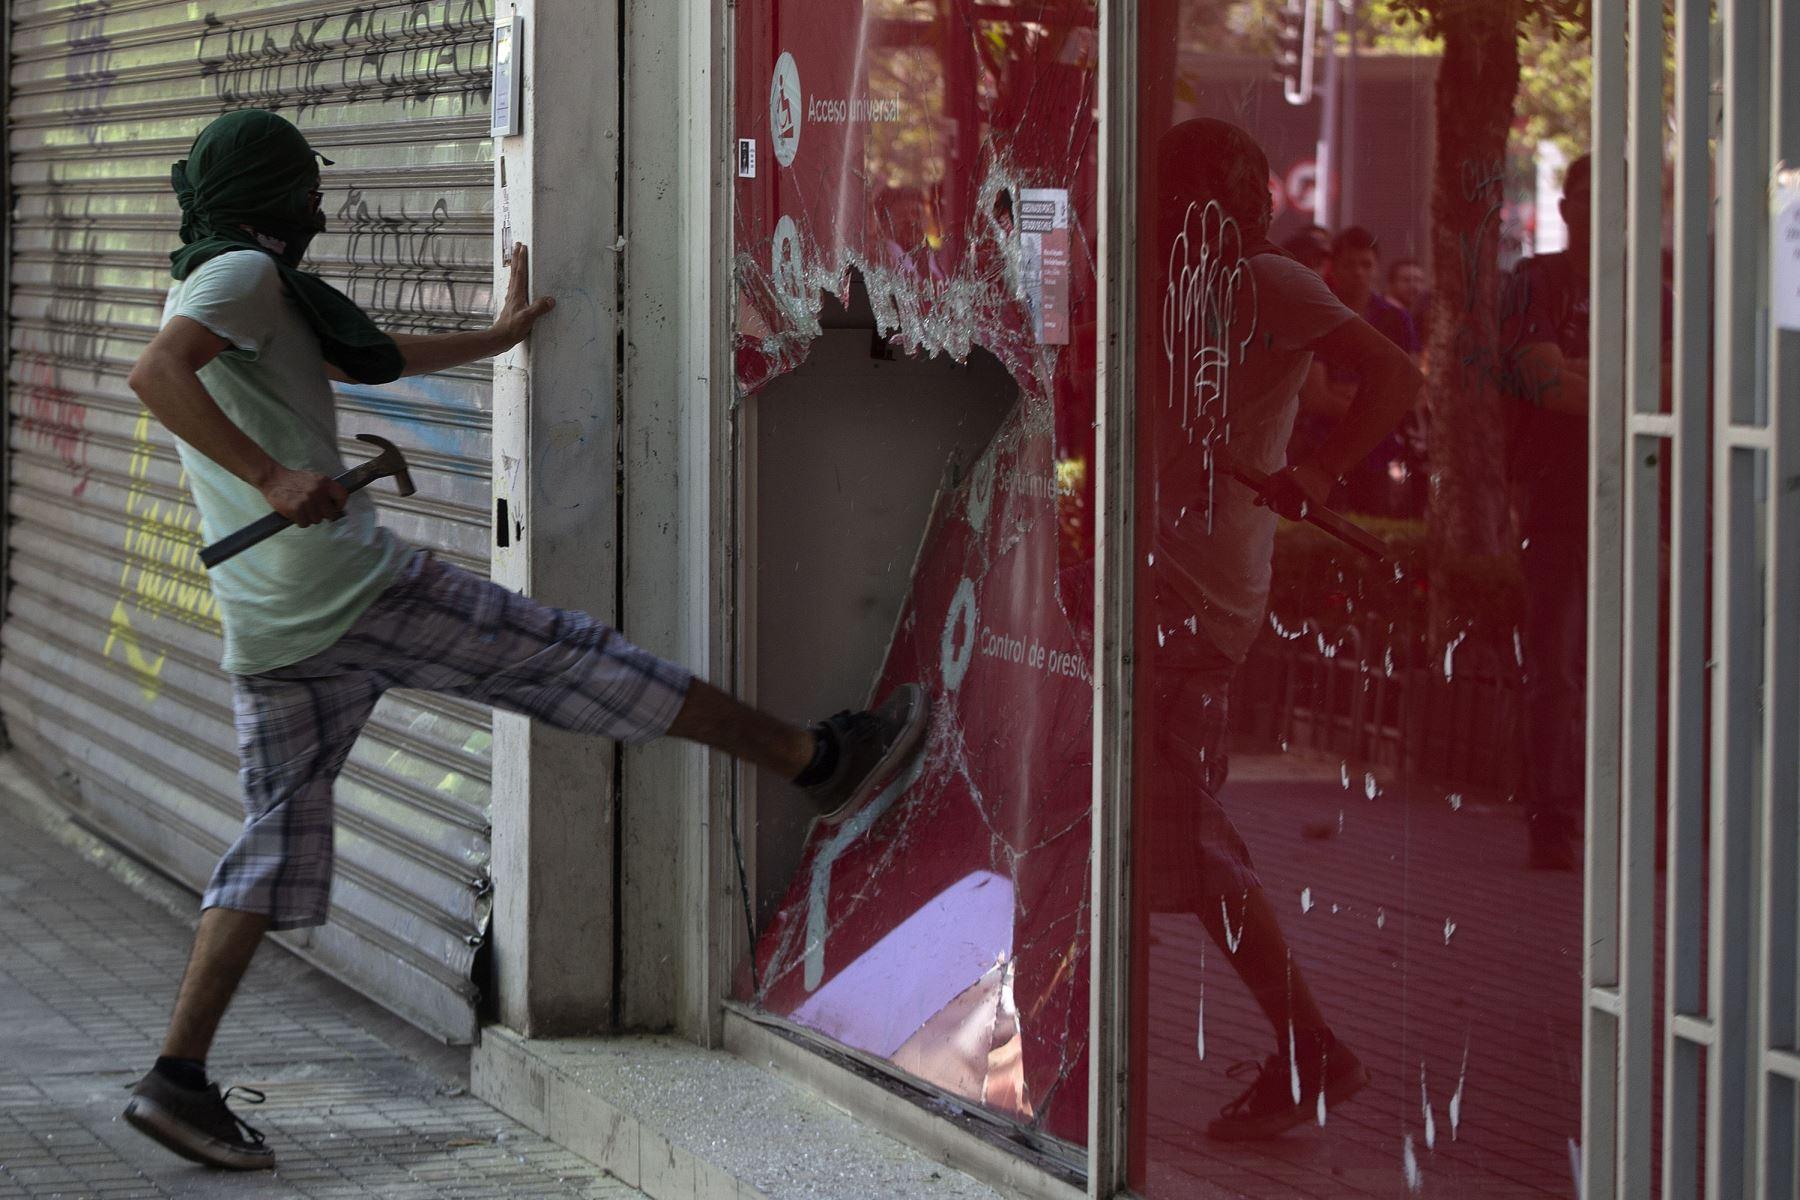 Un manifestante rompe una ventana durante una protesta contra las políticas económicas del gobierno en Chile en Santiago. Foto:AFP